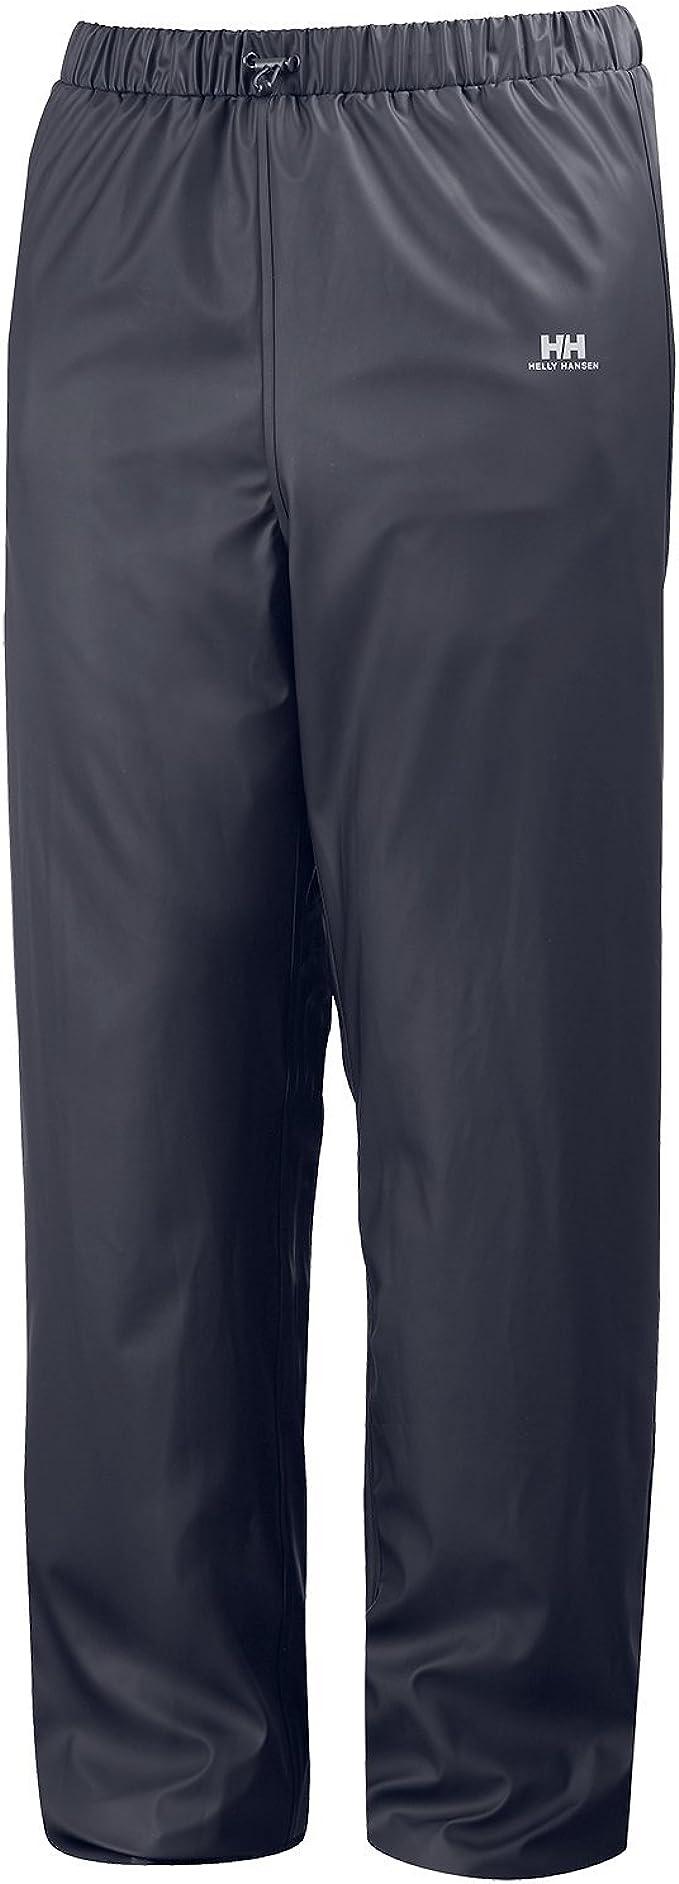 Helly Hansen Men's Voss Windproof Waterproof Rain Pant